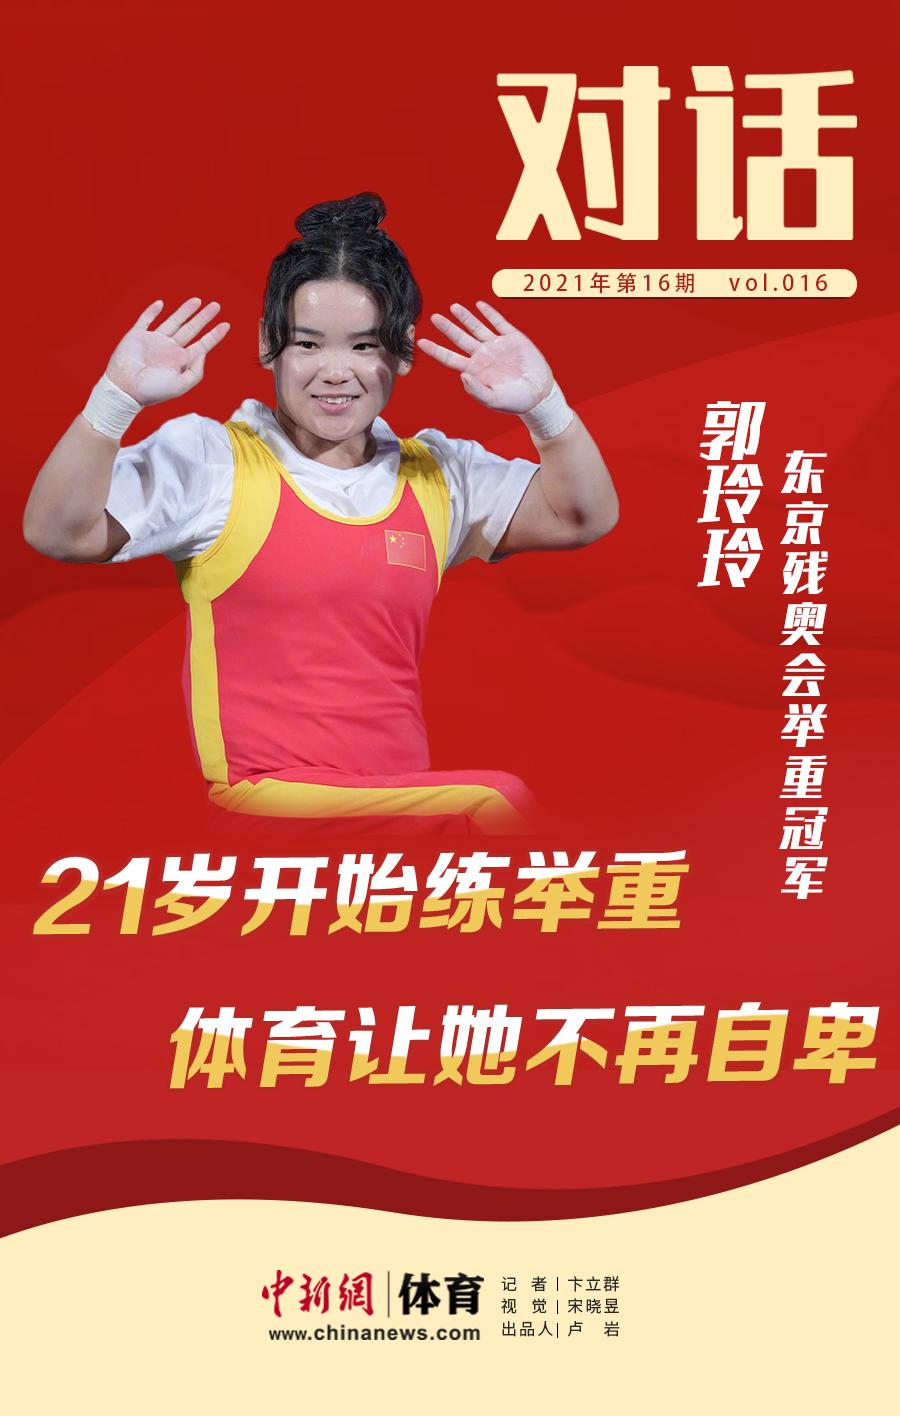 残奥冠军郭玲玲:21岁练举重 体育让她再不自卑(图2)